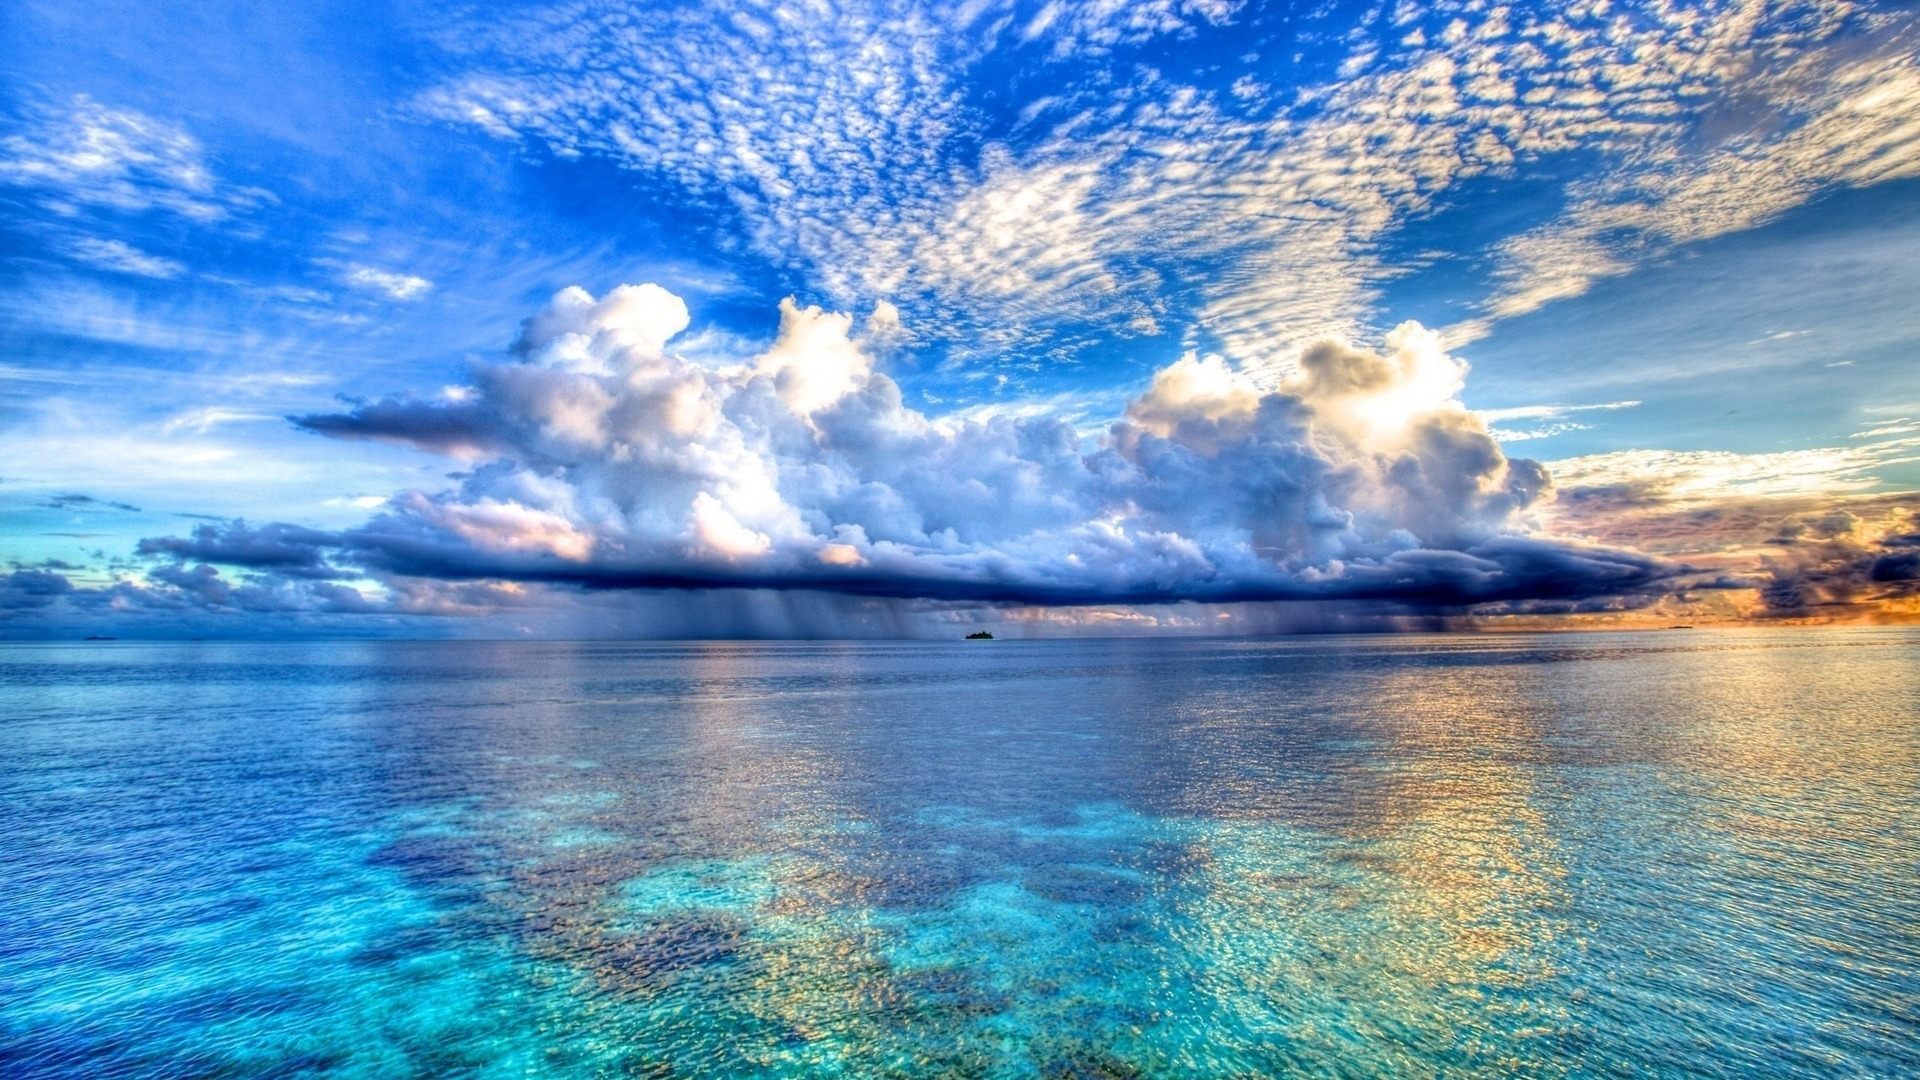 Description Download Ocean Wallpaper is a hi res Wallpaper for pc 1920x1080